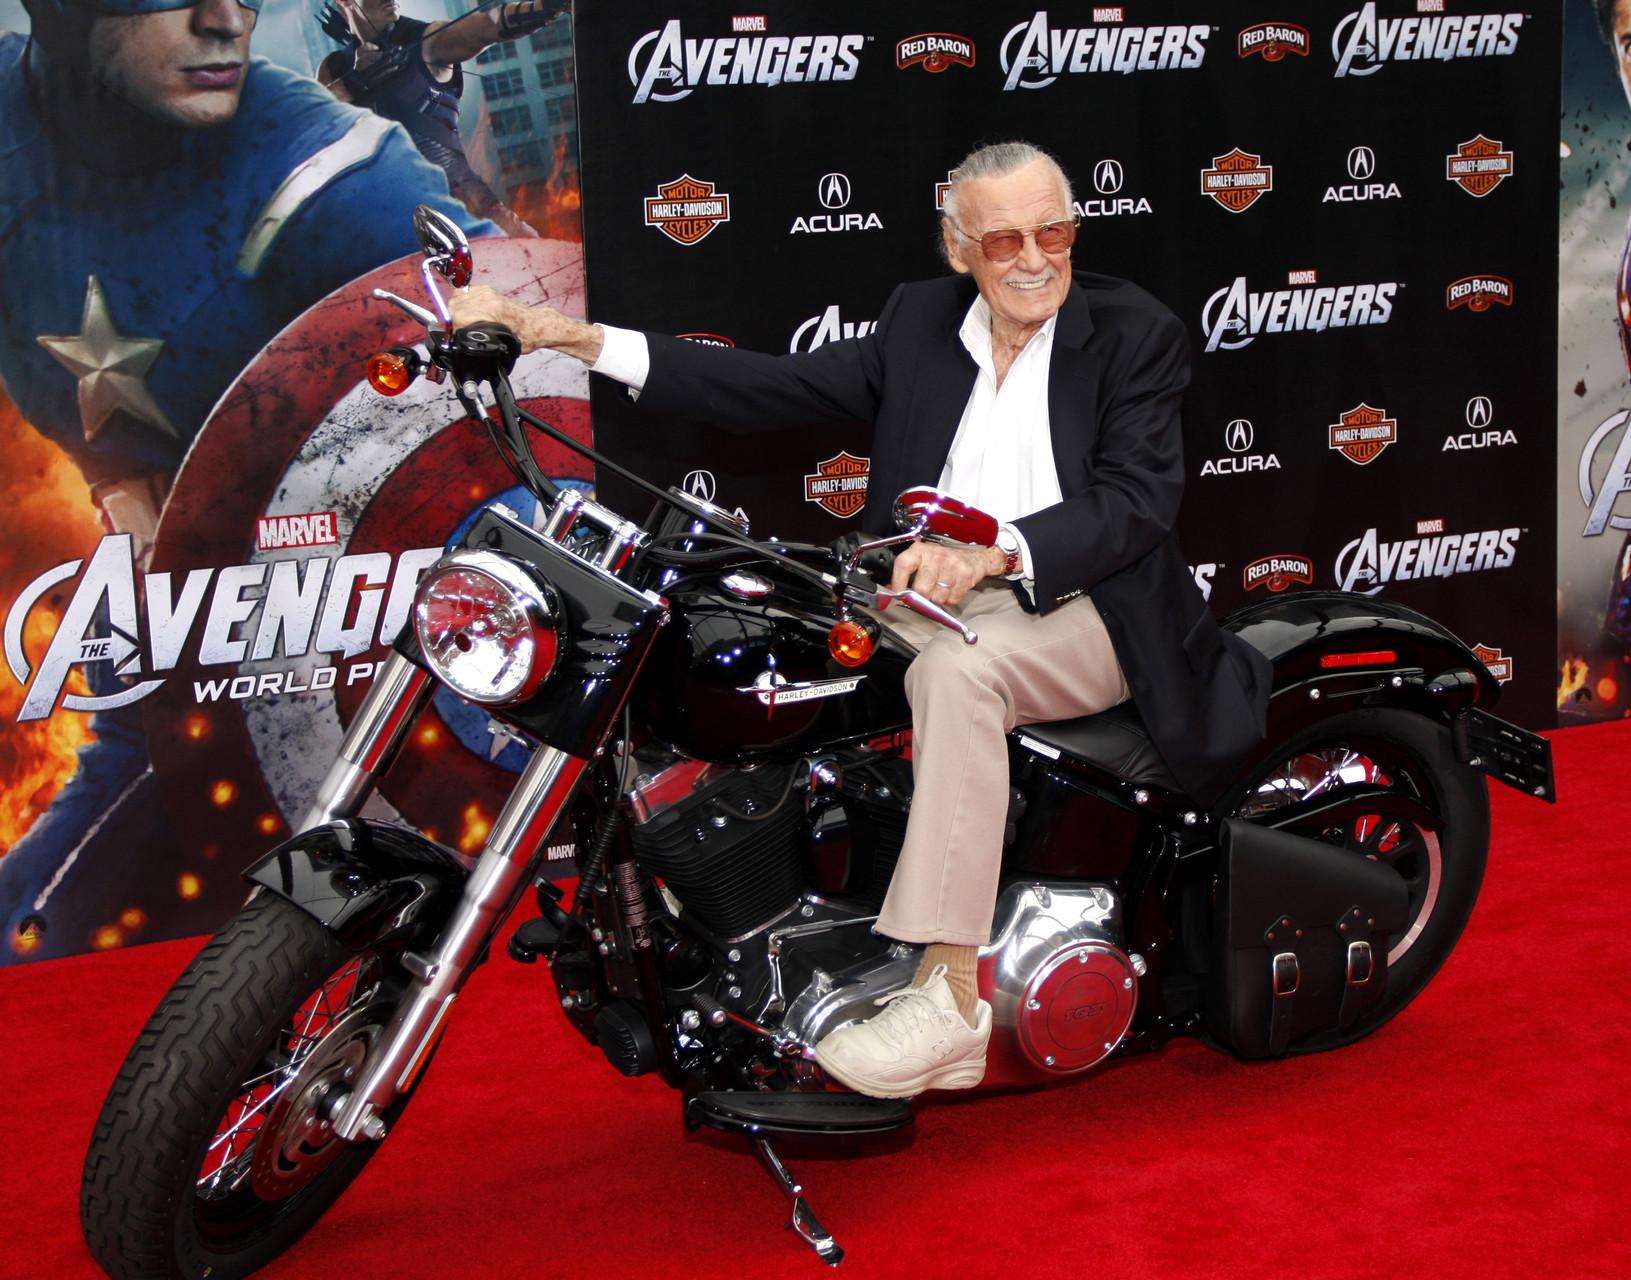 Odešel Stan Lee, duchovní otec Avengers. Bylo mu 95 let